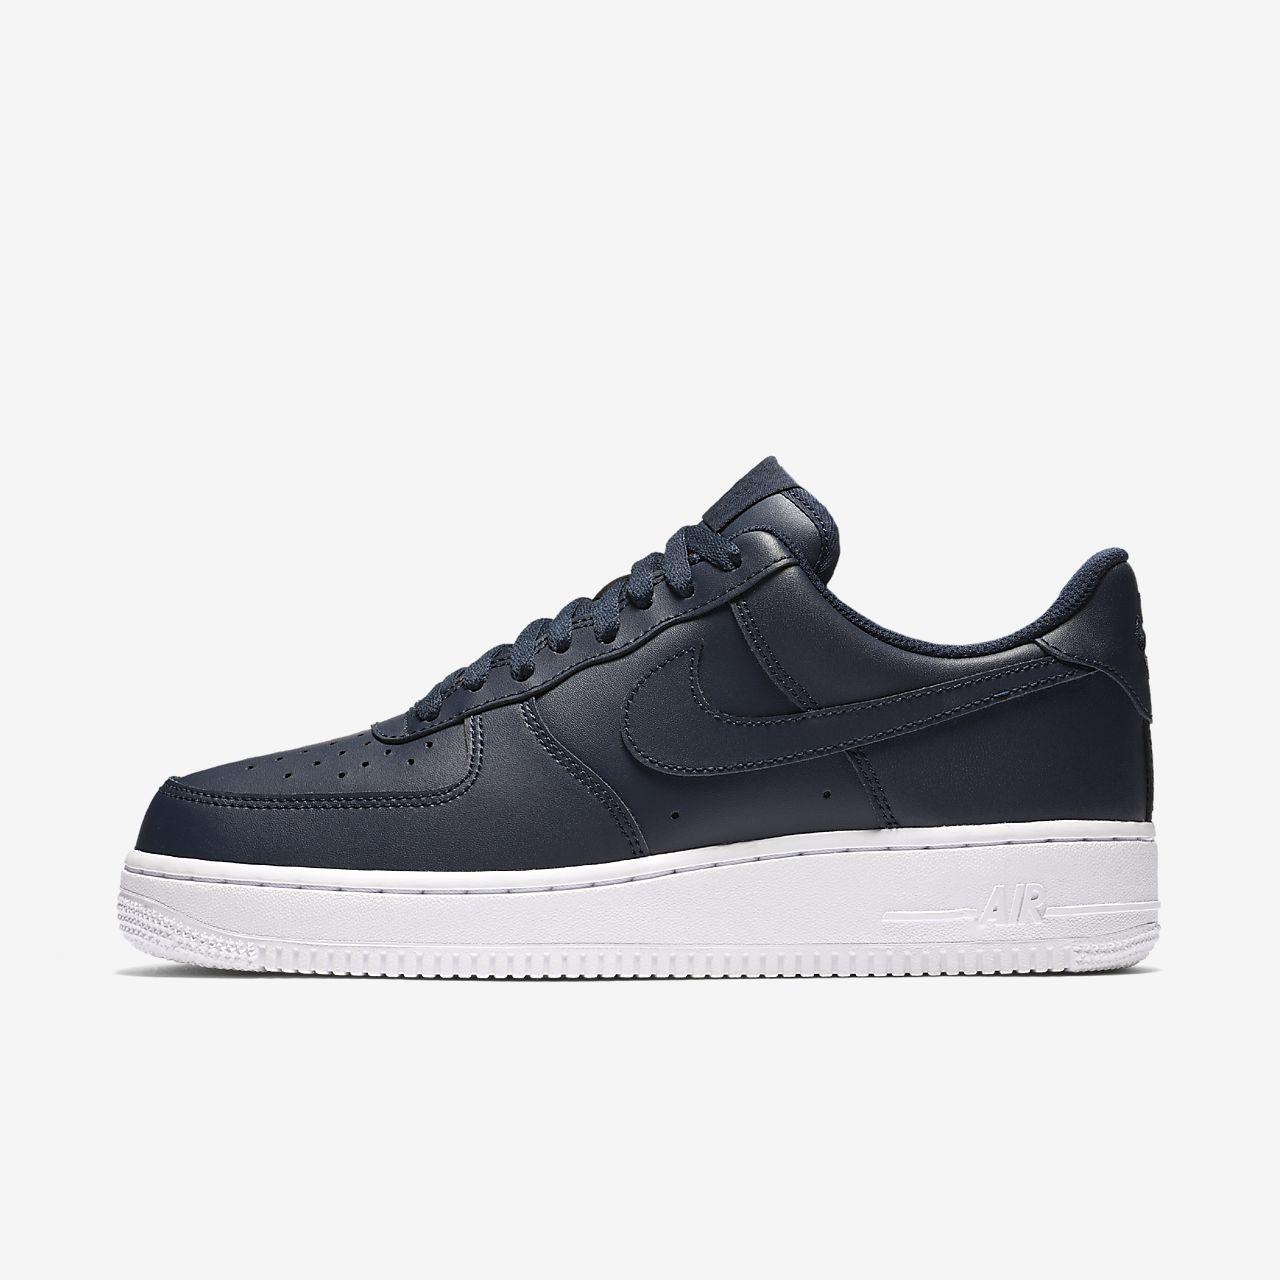 check out 3e9d9 7a13f ... Sko Nike Air Force 1 07 för män